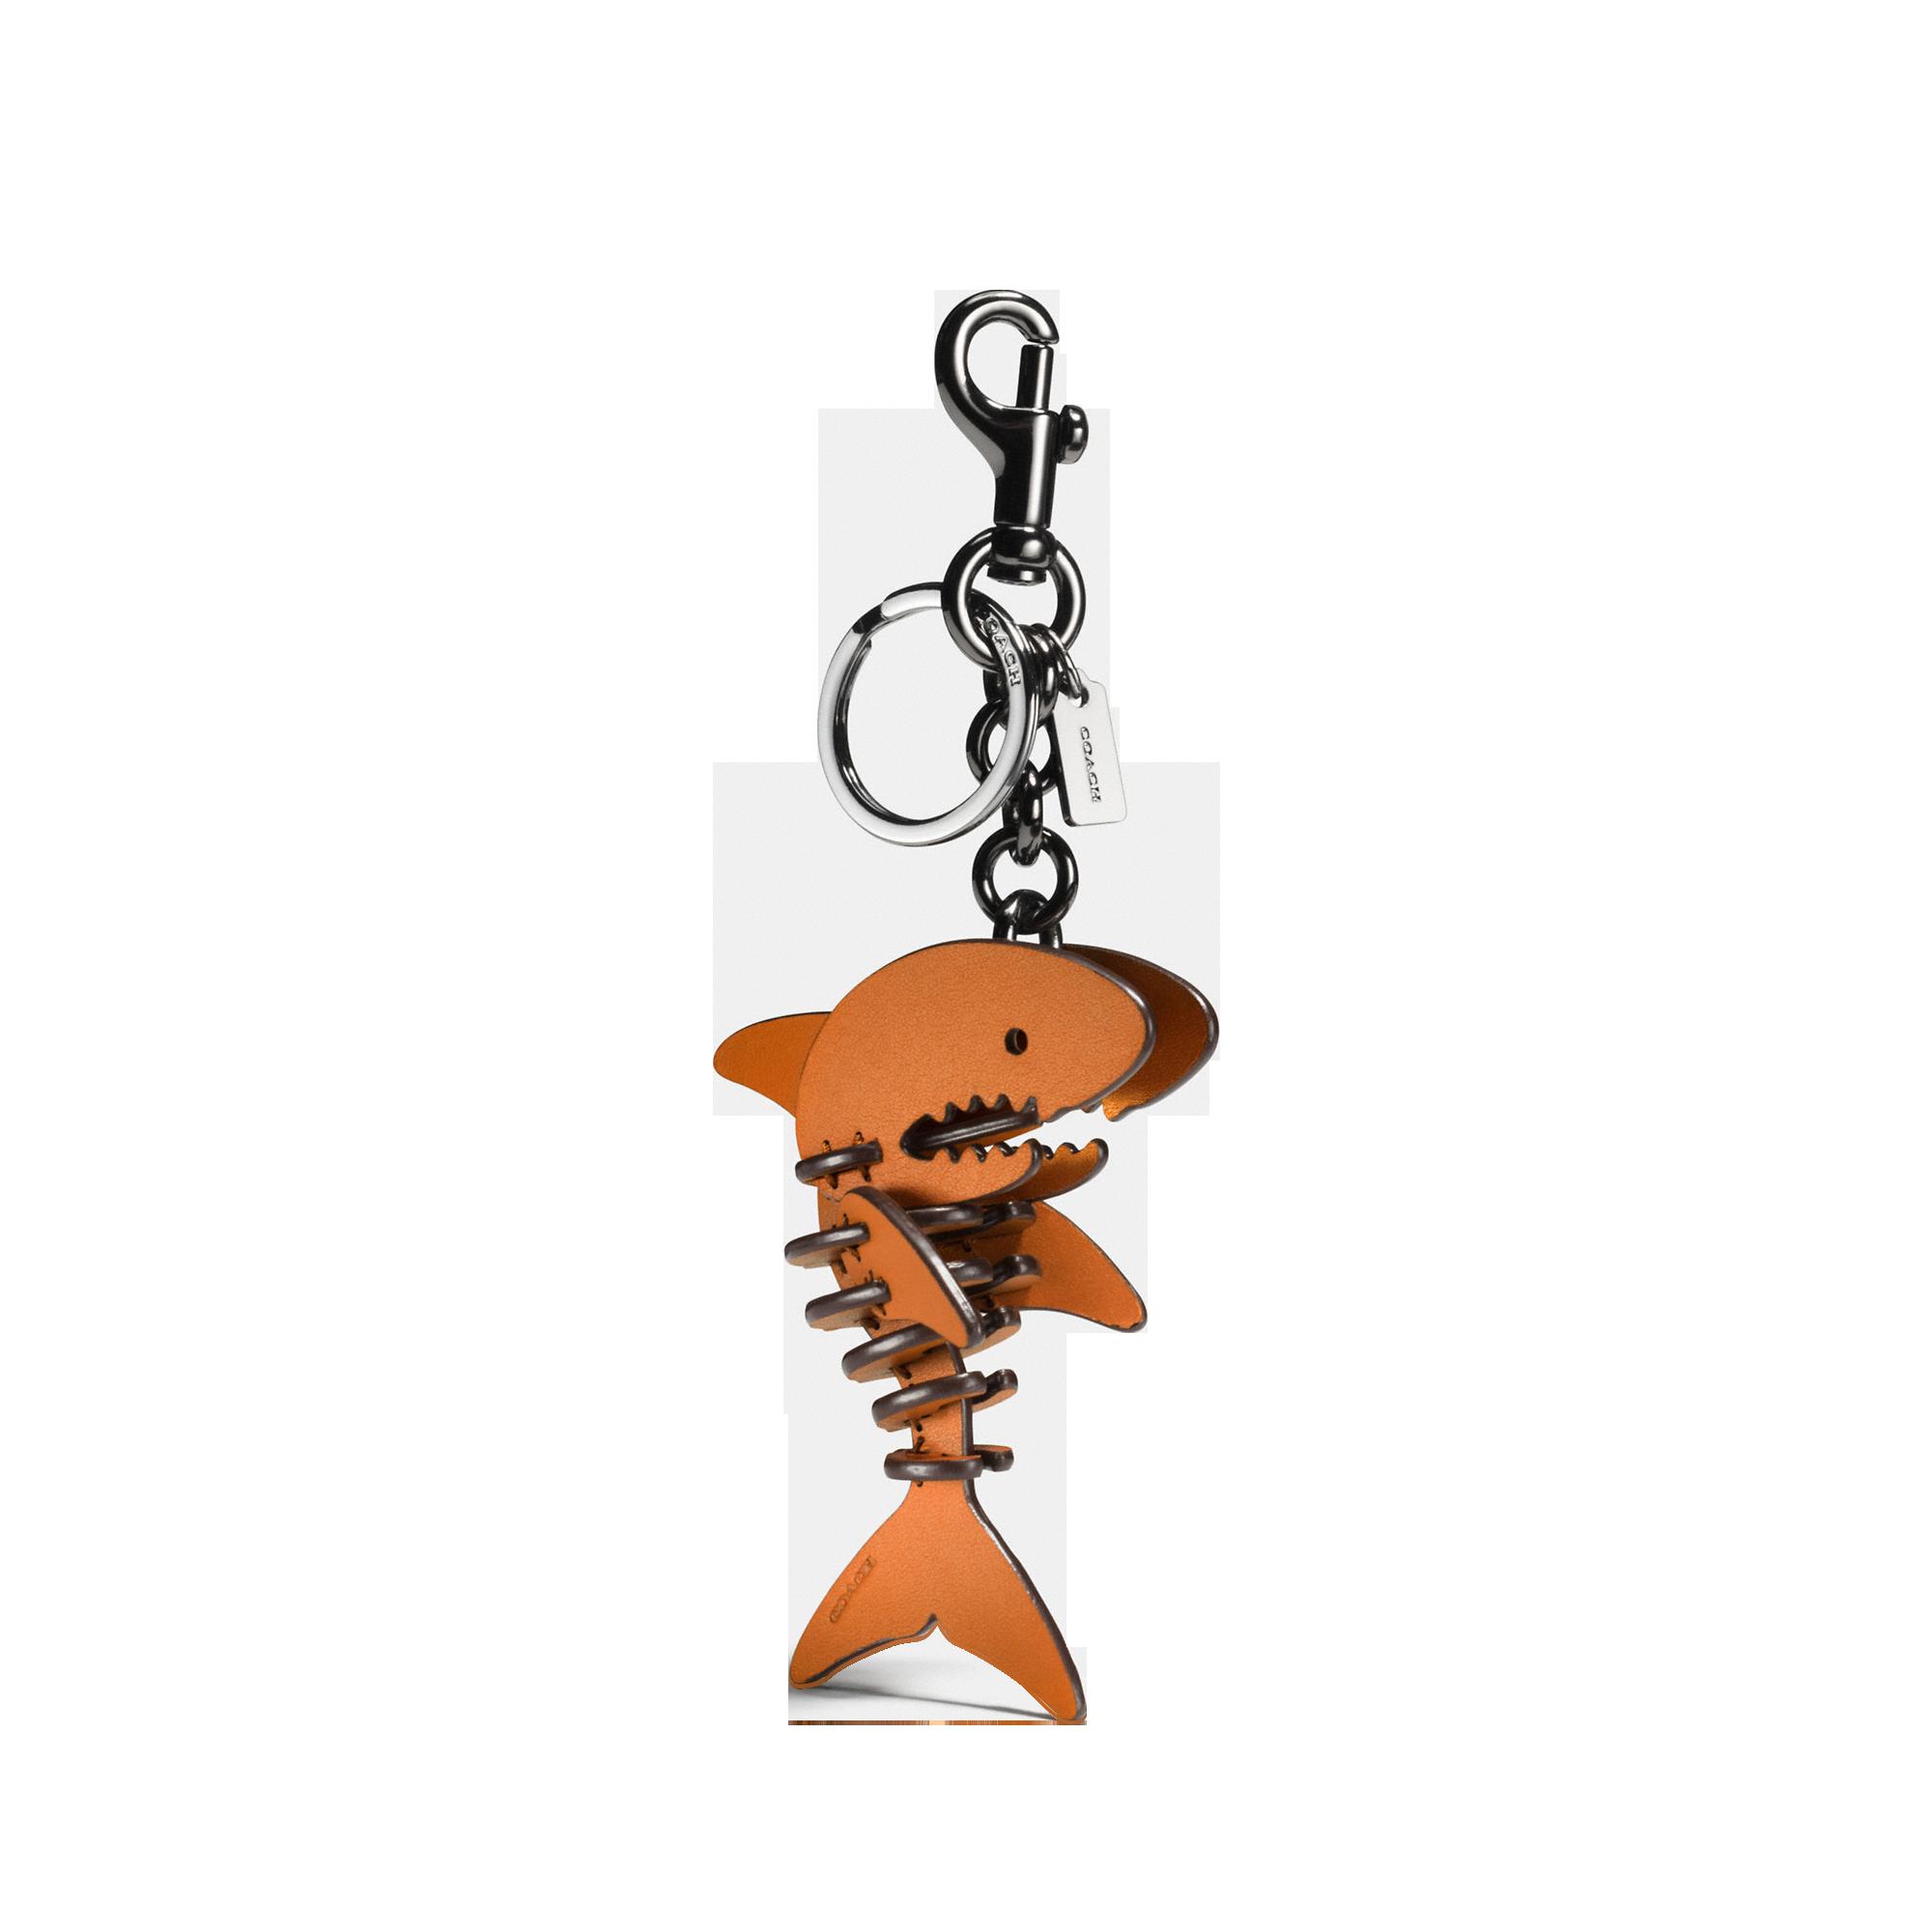 Allenatore Piccolo Sharky Fascino Borsa Di Puzzle hD34i